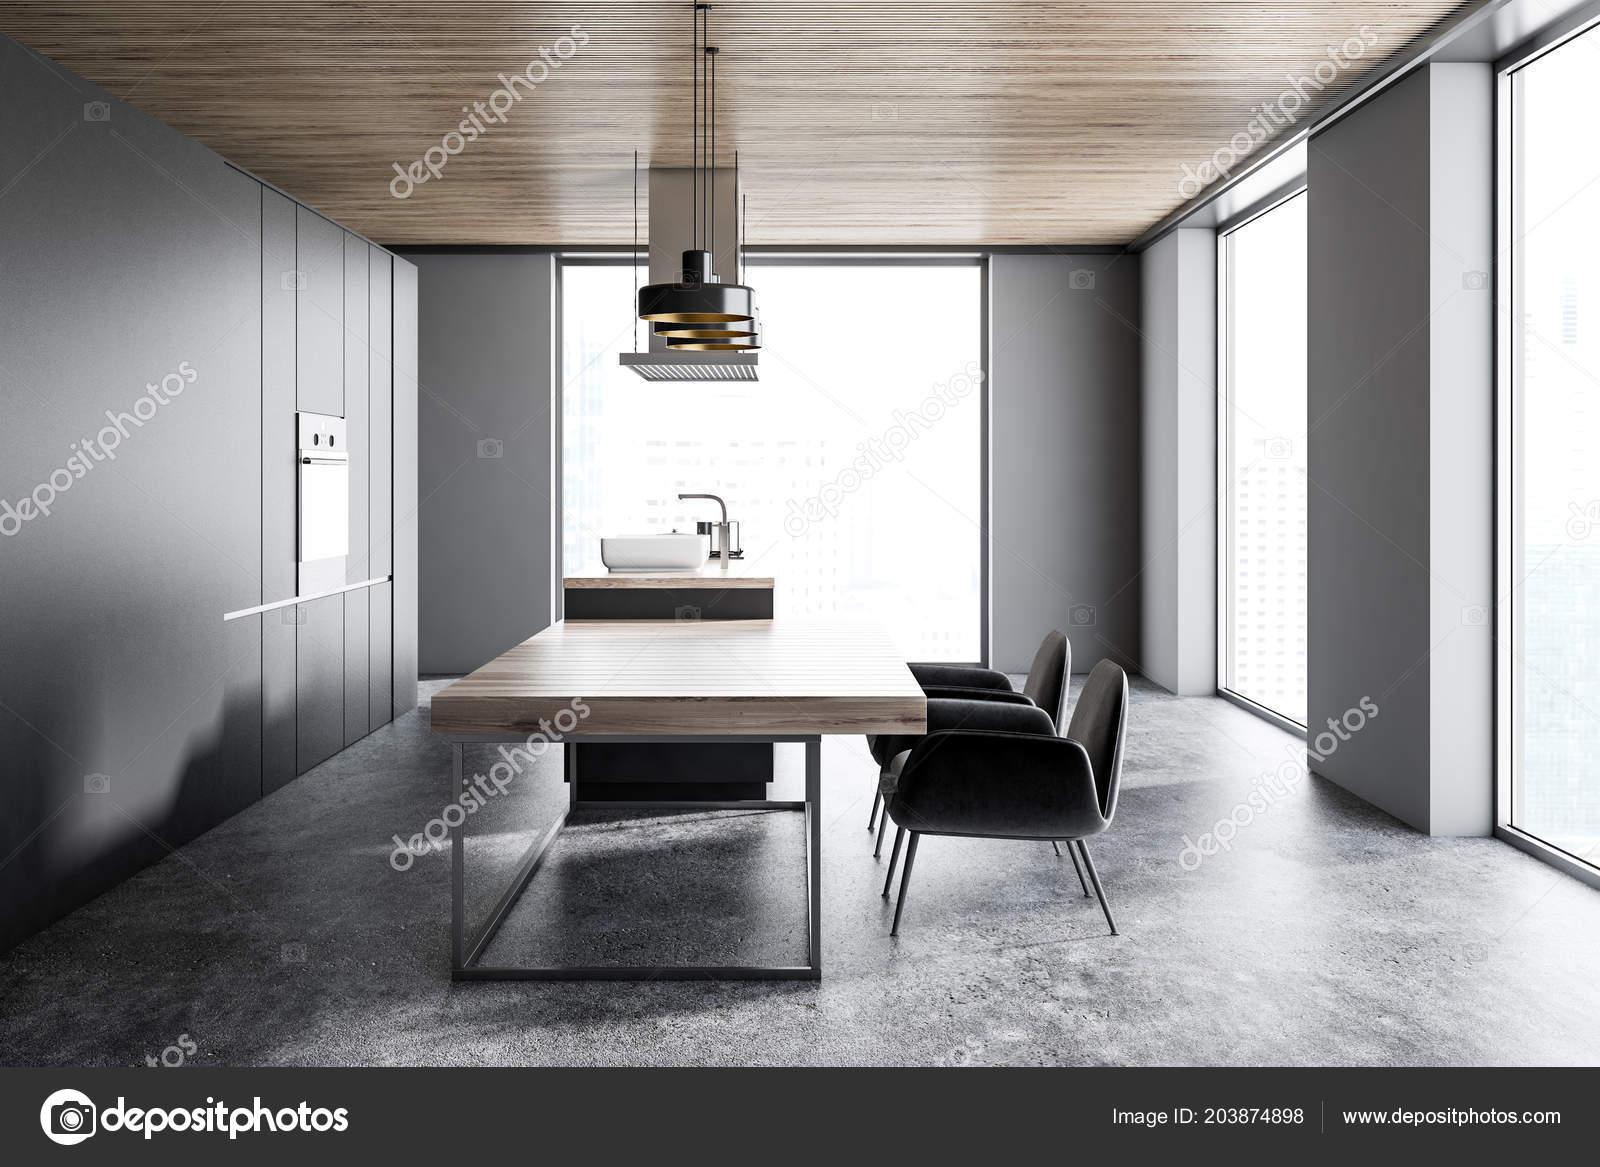 Kuchnia Loft Ciemno Szare ściany Podłogi Betonowej Szary